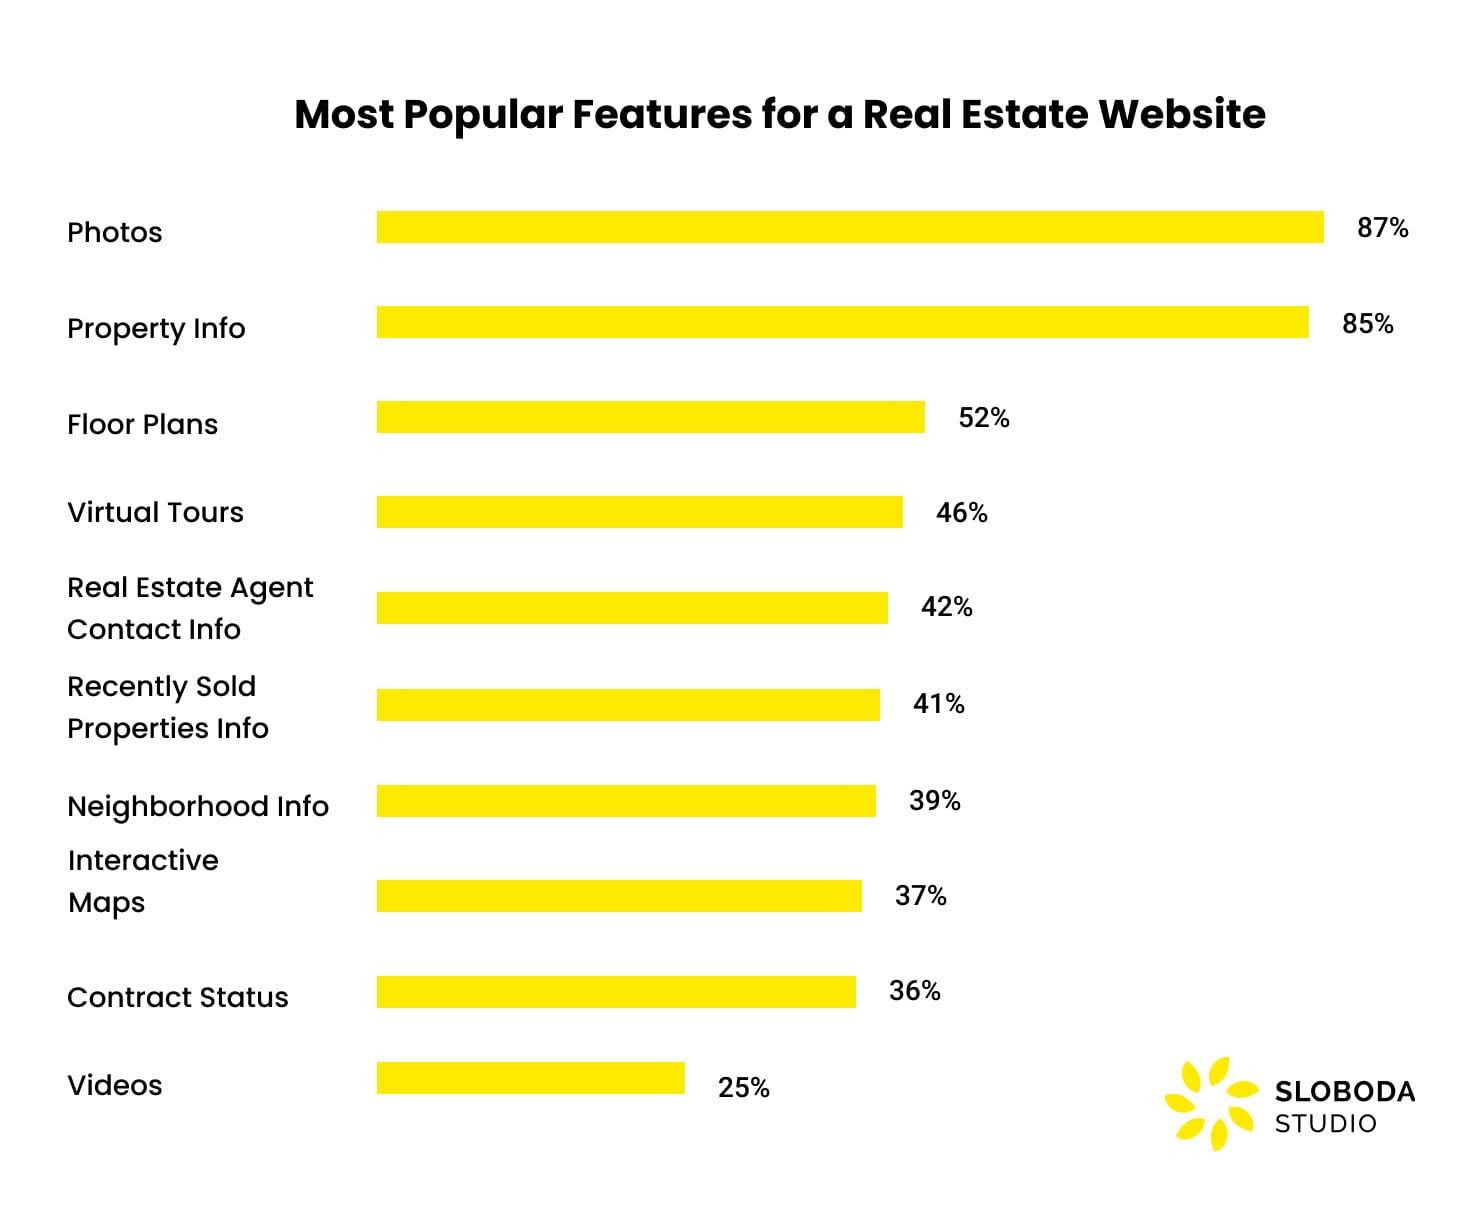 các tính năng phổ biến nhất cho một trang web bất động sản